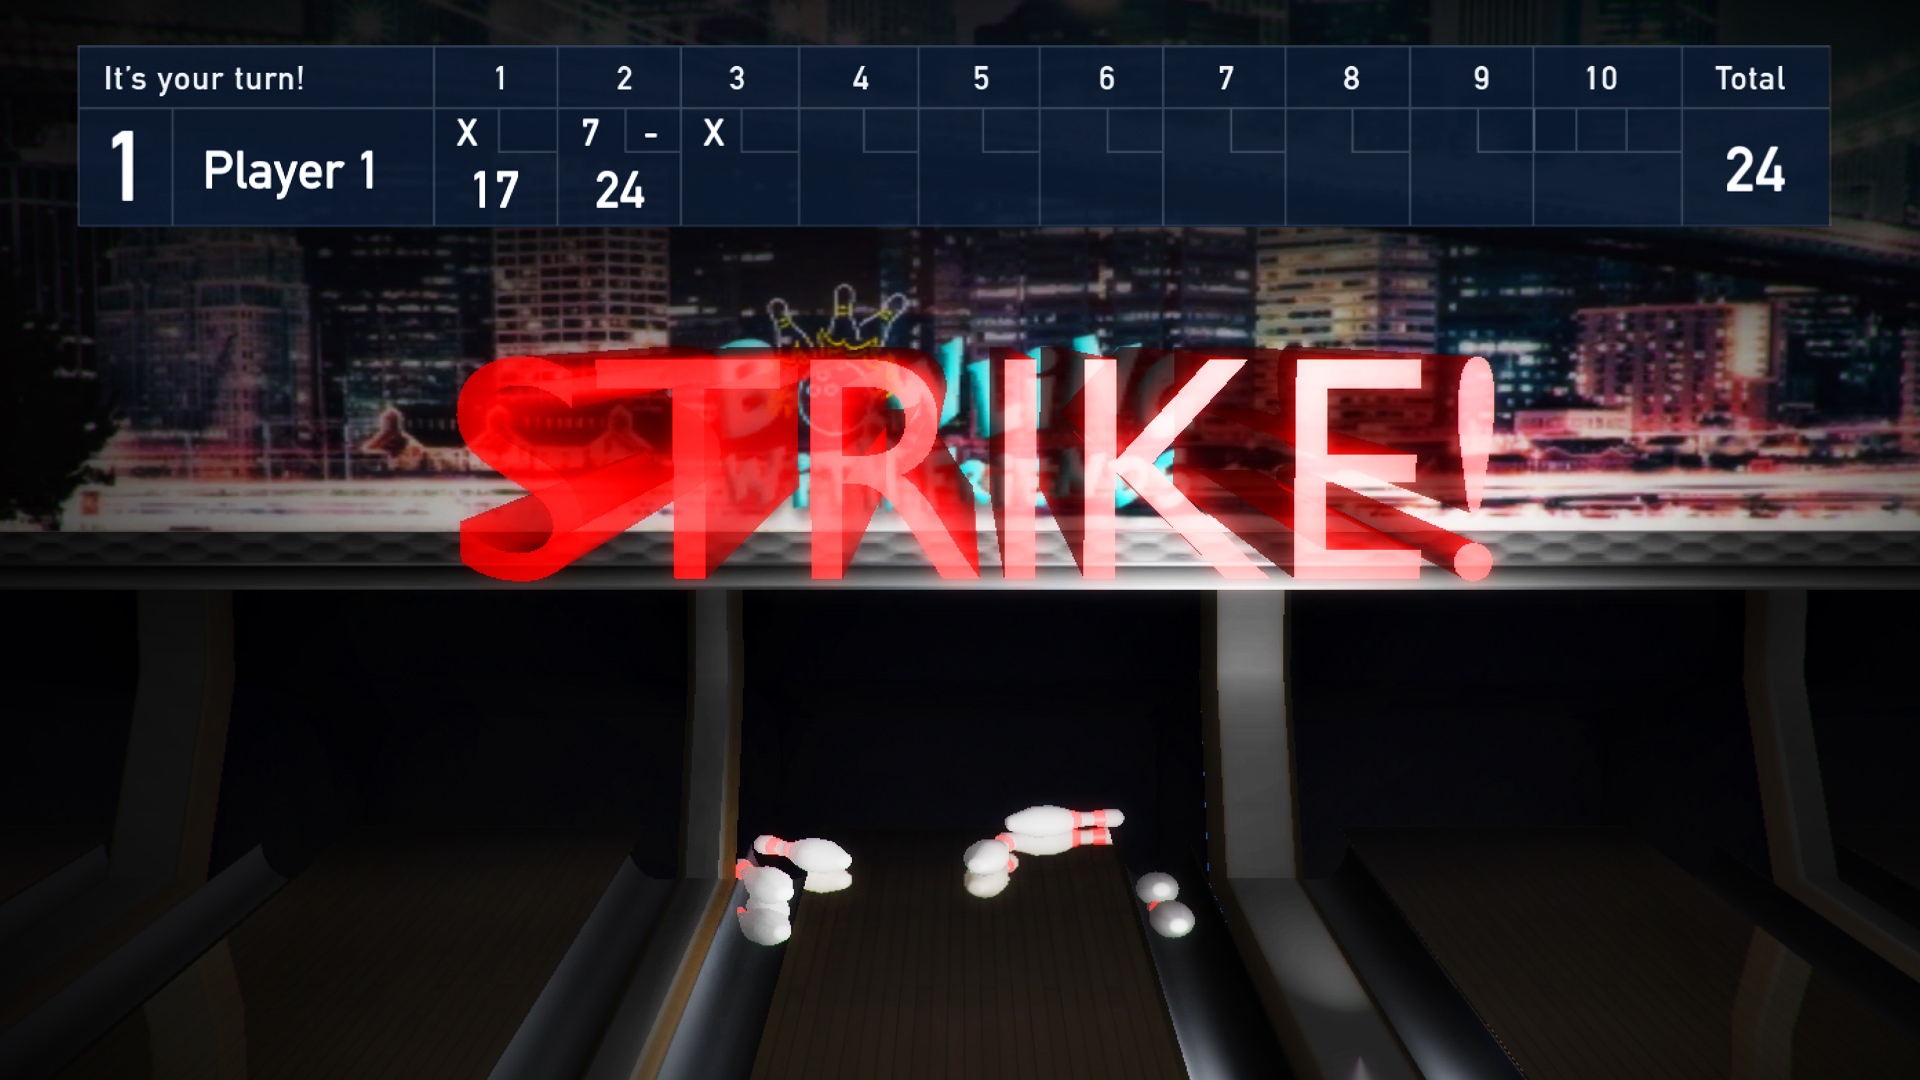 Bowling Pro 2016 — Ten Pin Multiplayer Strike screenshot 3